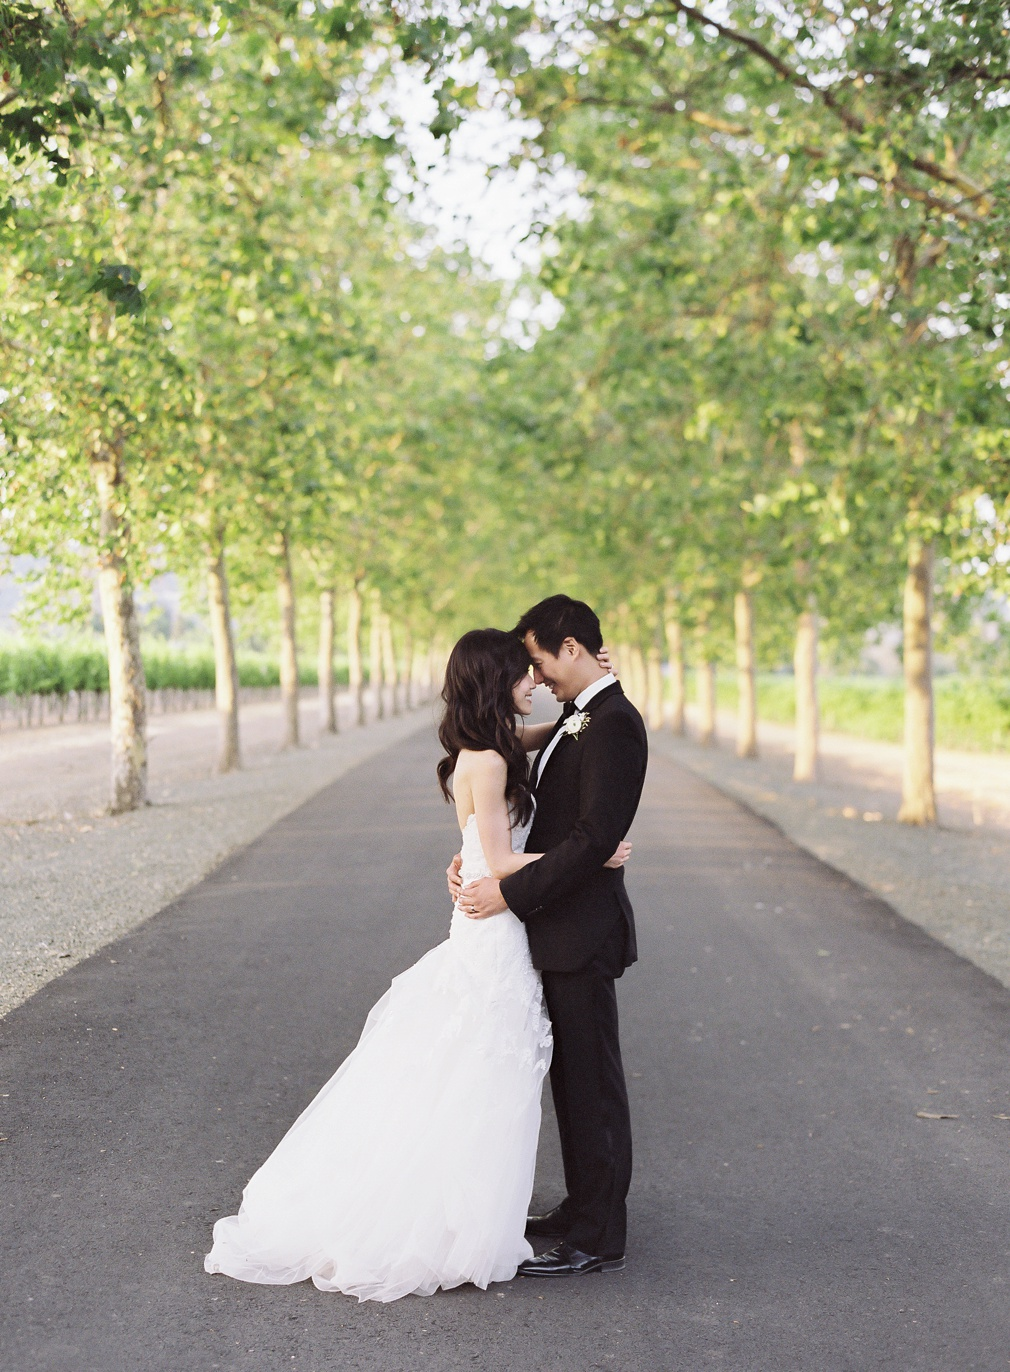 Vicki_Grafton_Photography_beaulieu_gardens+6-24-17-898.JPG